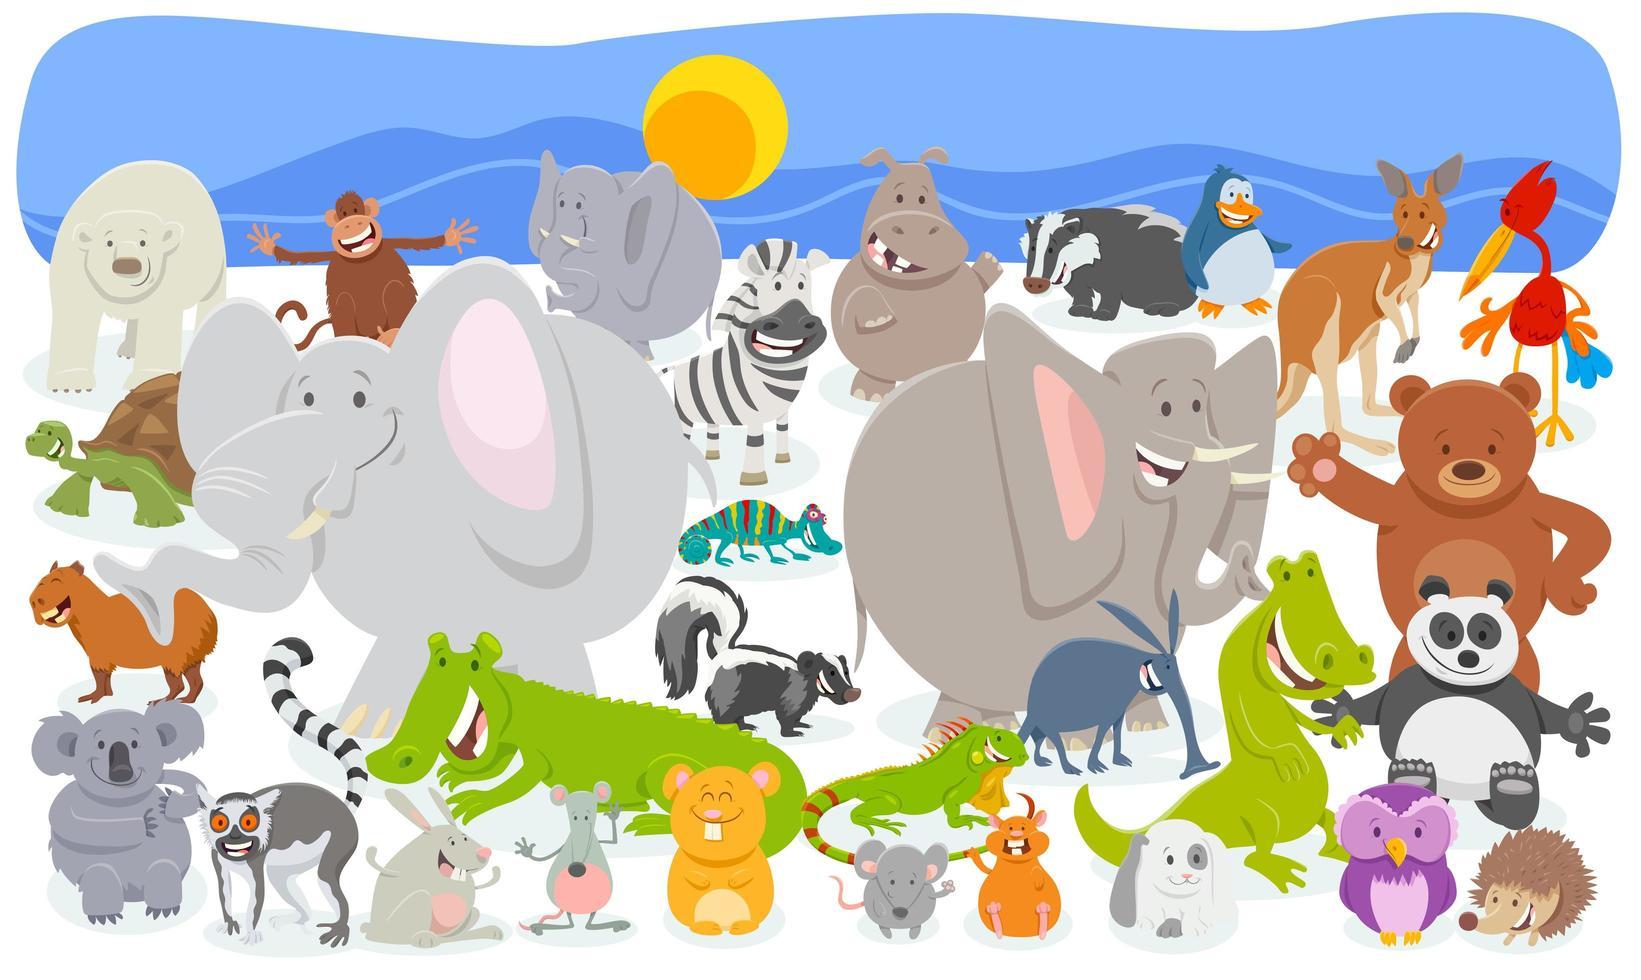 sfondo di folla di personaggi animali dei cartoni animati vettore